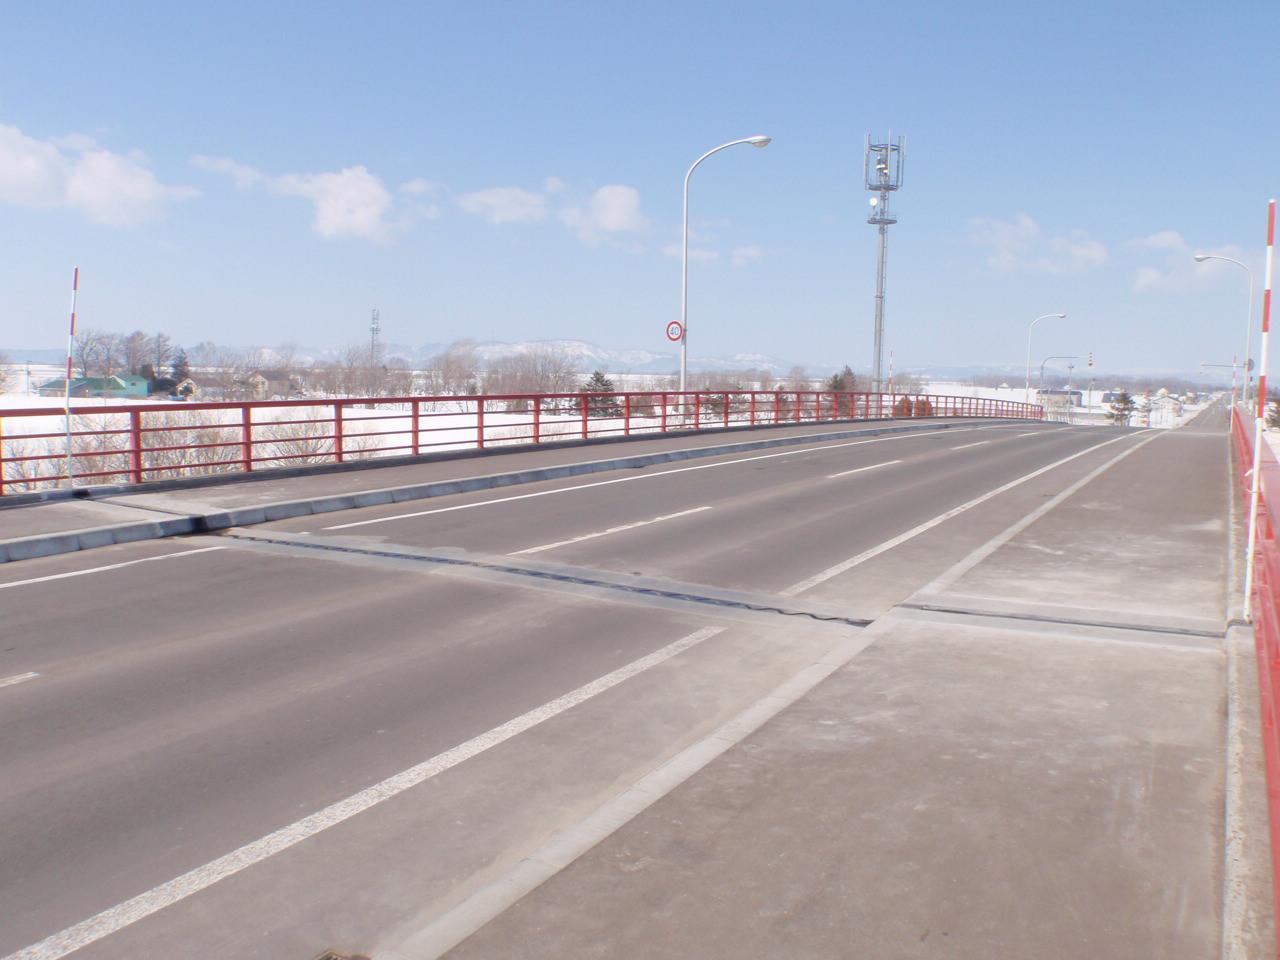 夕張岩見沢線防B500-8地方道(橋梁補修)工事外